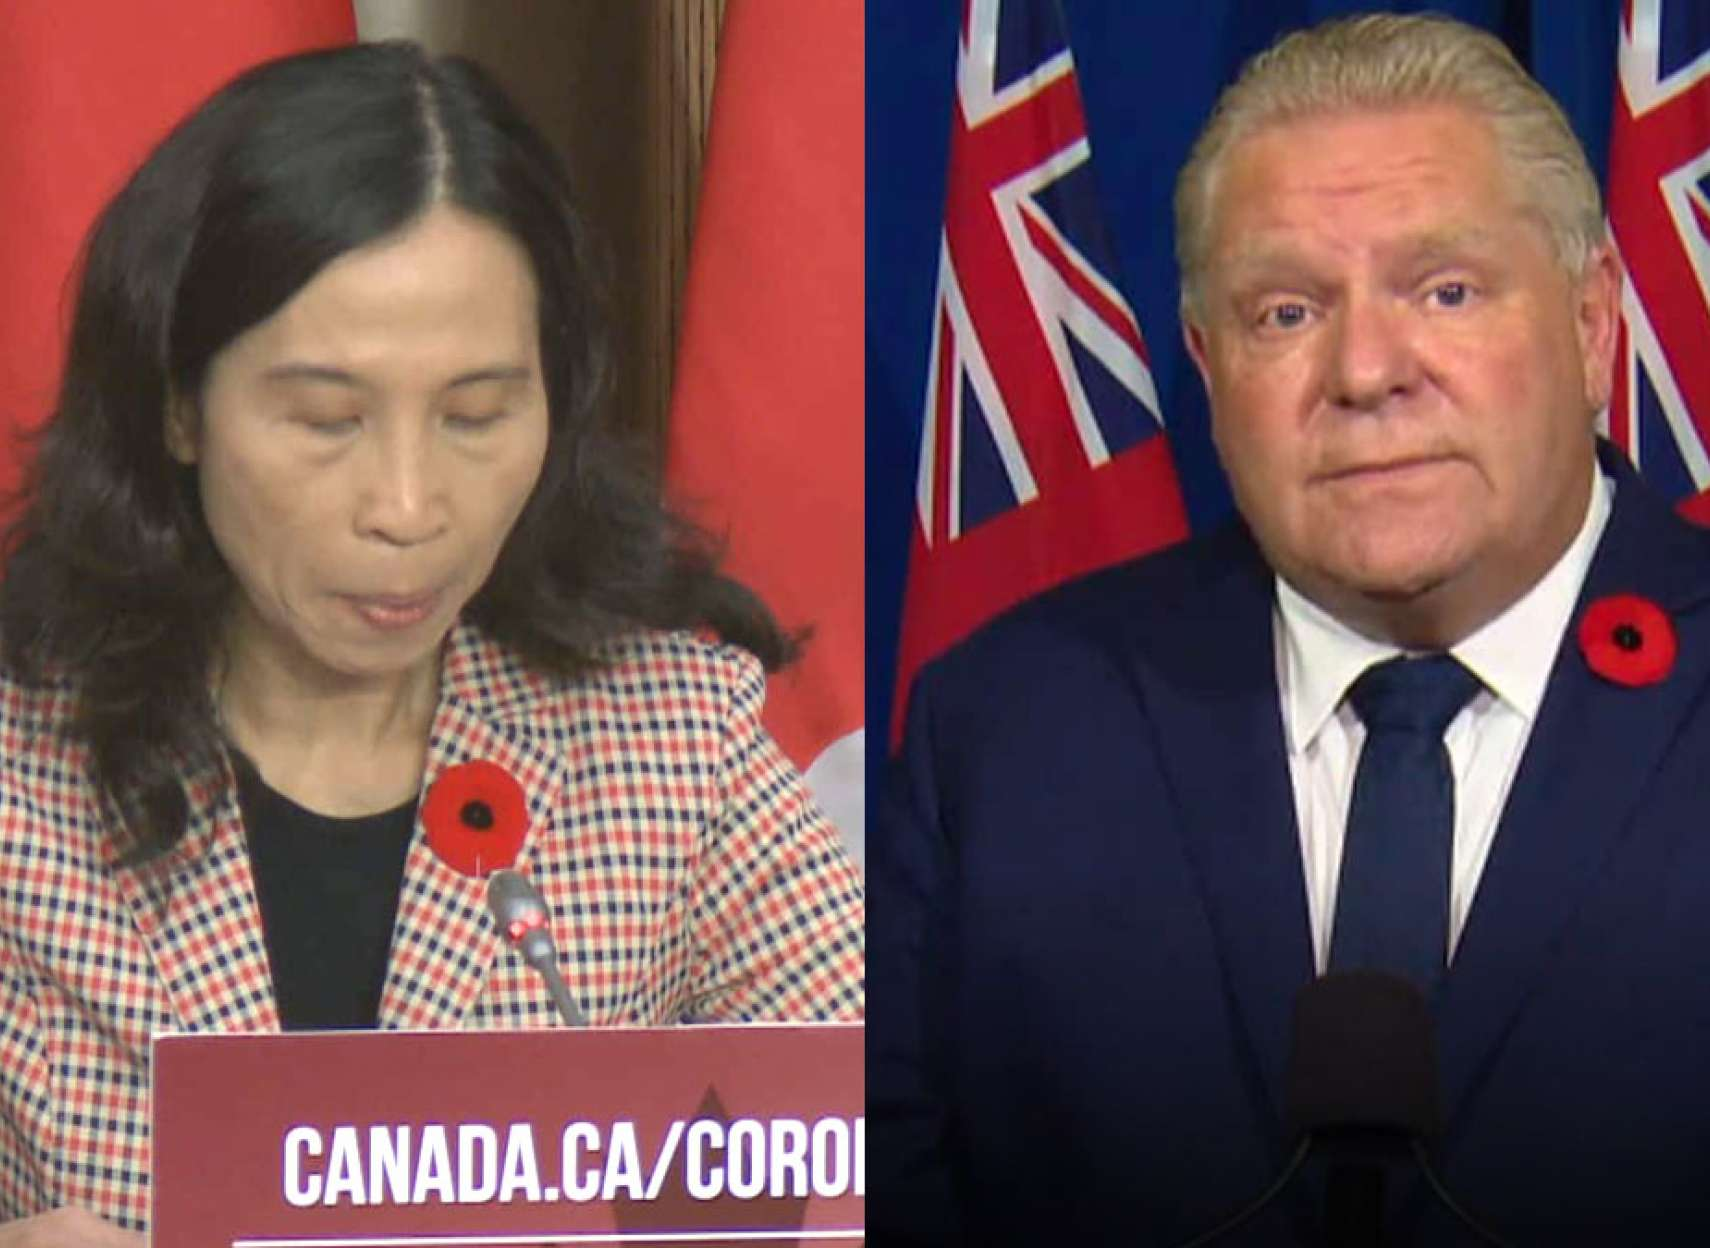 اخبار-تورنتو-تغییر-موضع-کانادا-ماسک-۳-لایه-بزنید-فورد-تورنتو-را-قرمز-و-دیگر-مناطق-را-باز-کرد